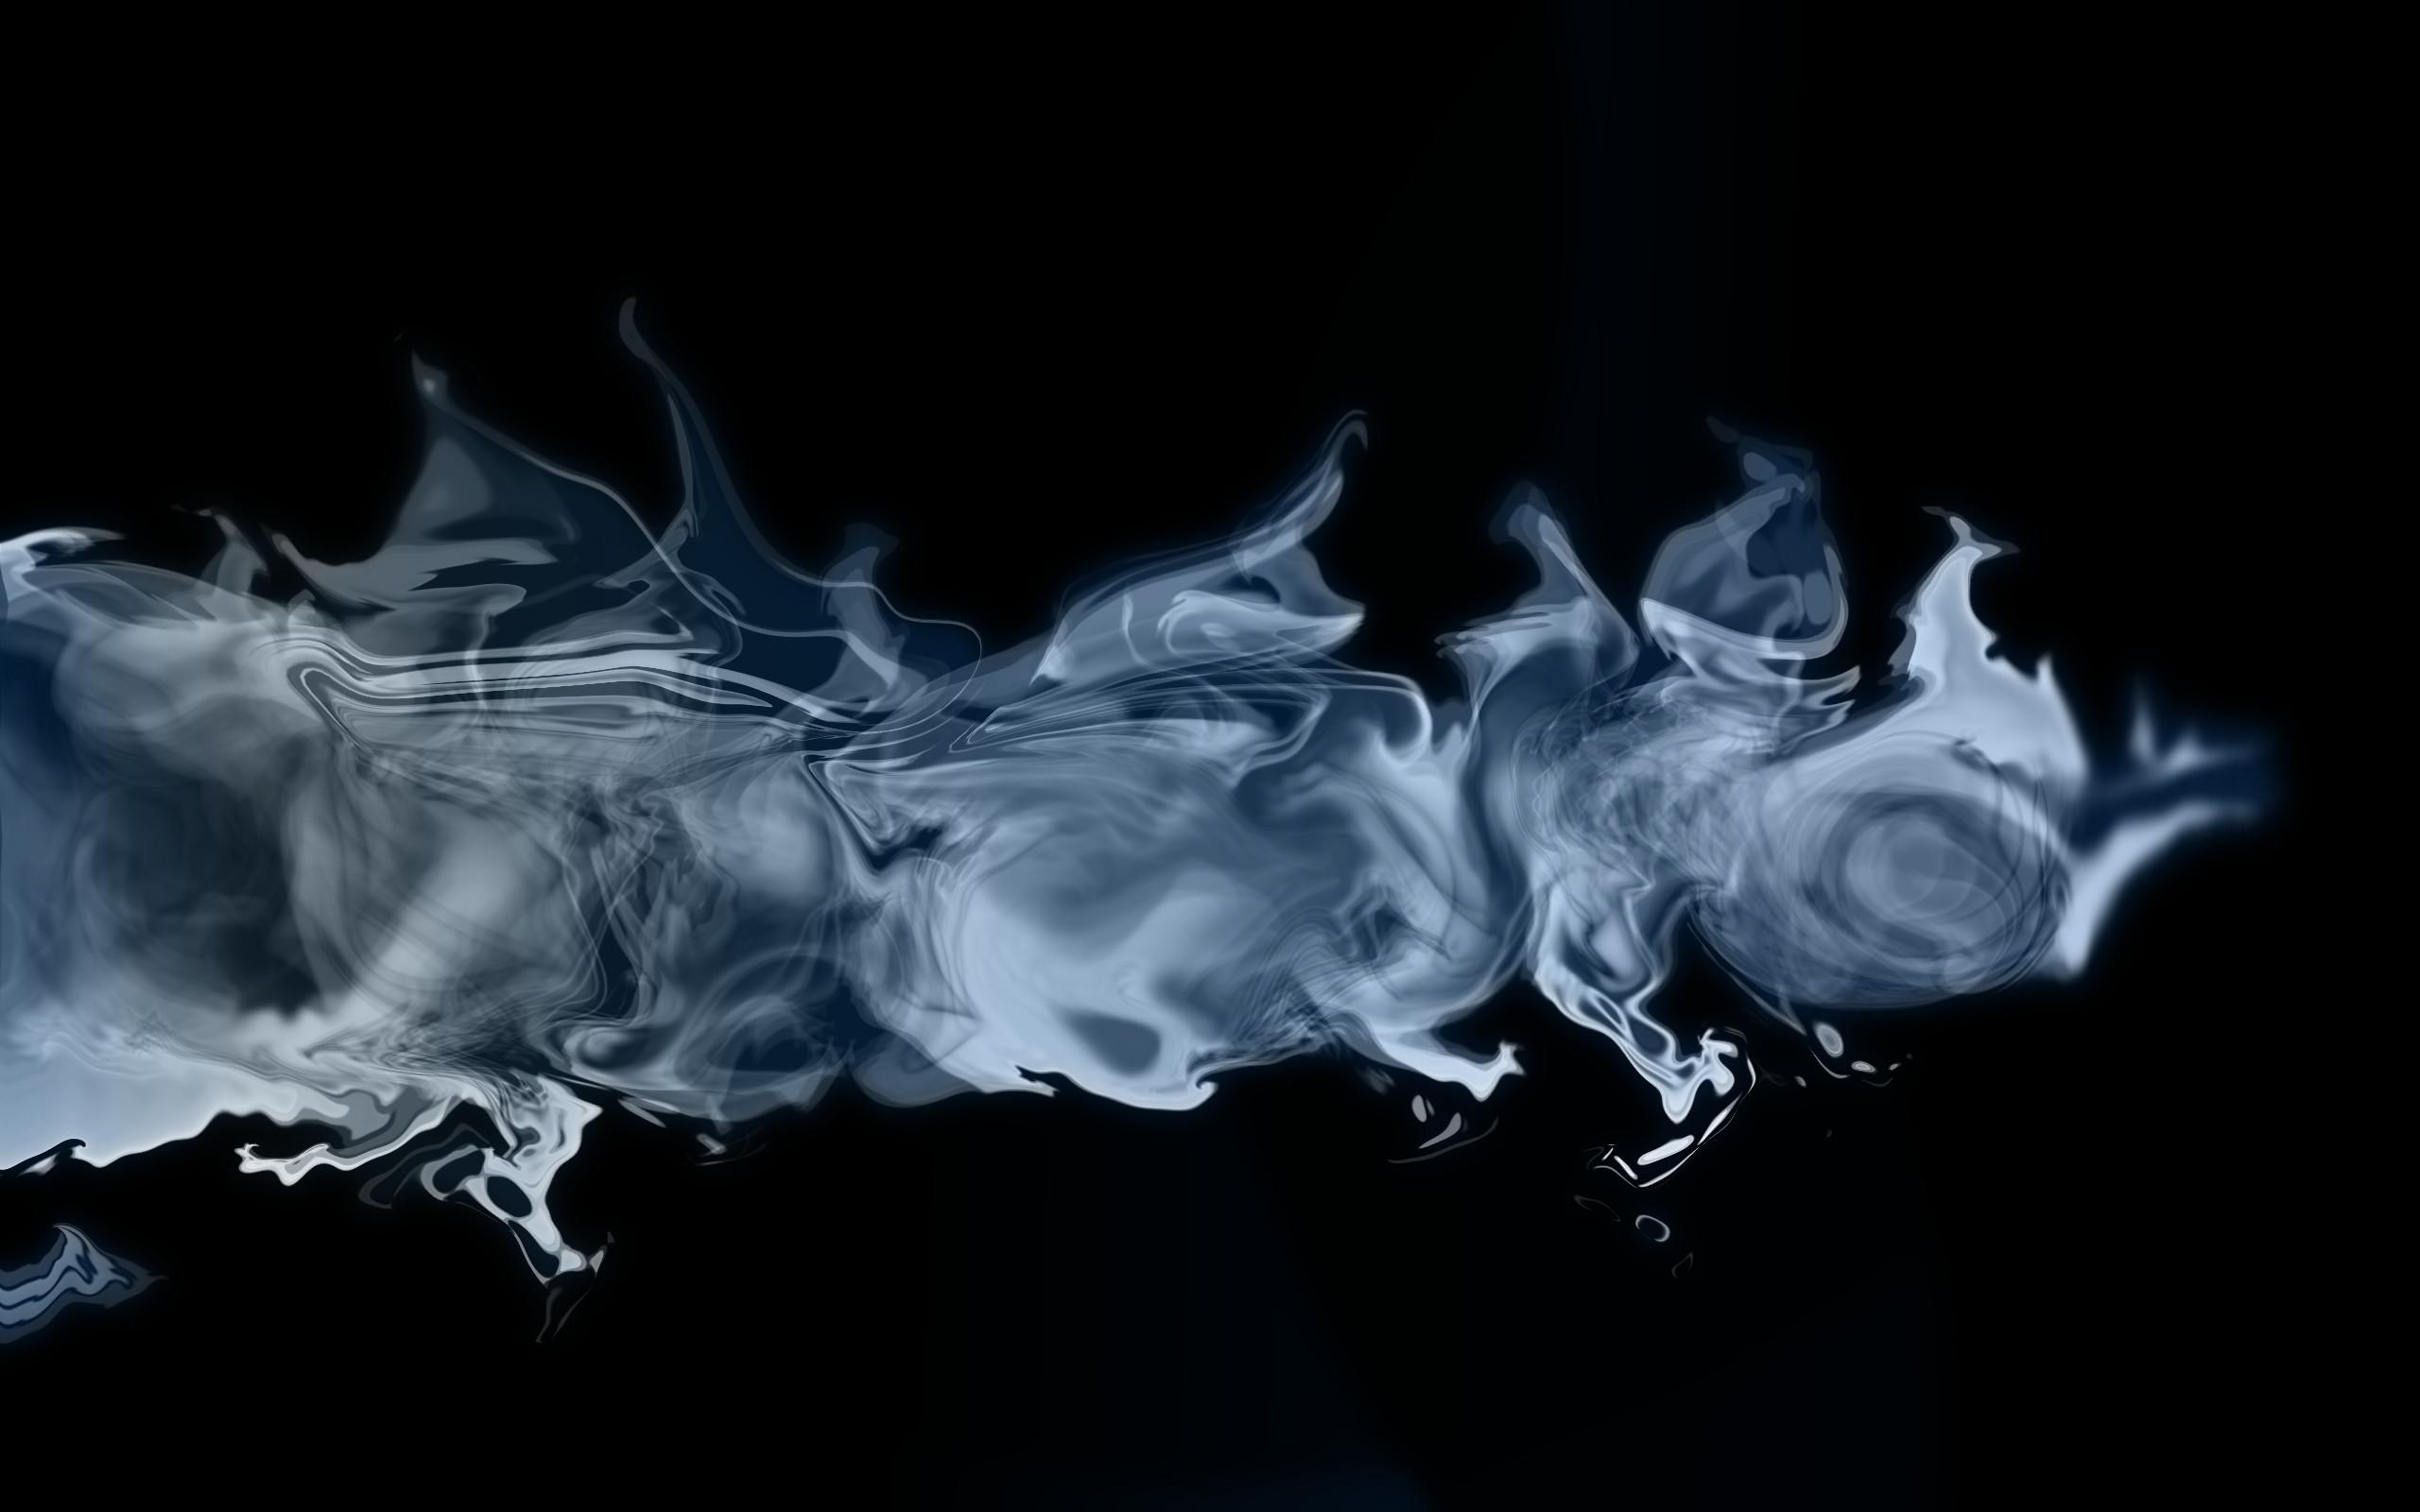 Preview Smoke Wallpaper | feelgrafix.com | Pinterest | Smoke wallpaper and  Wallpaper